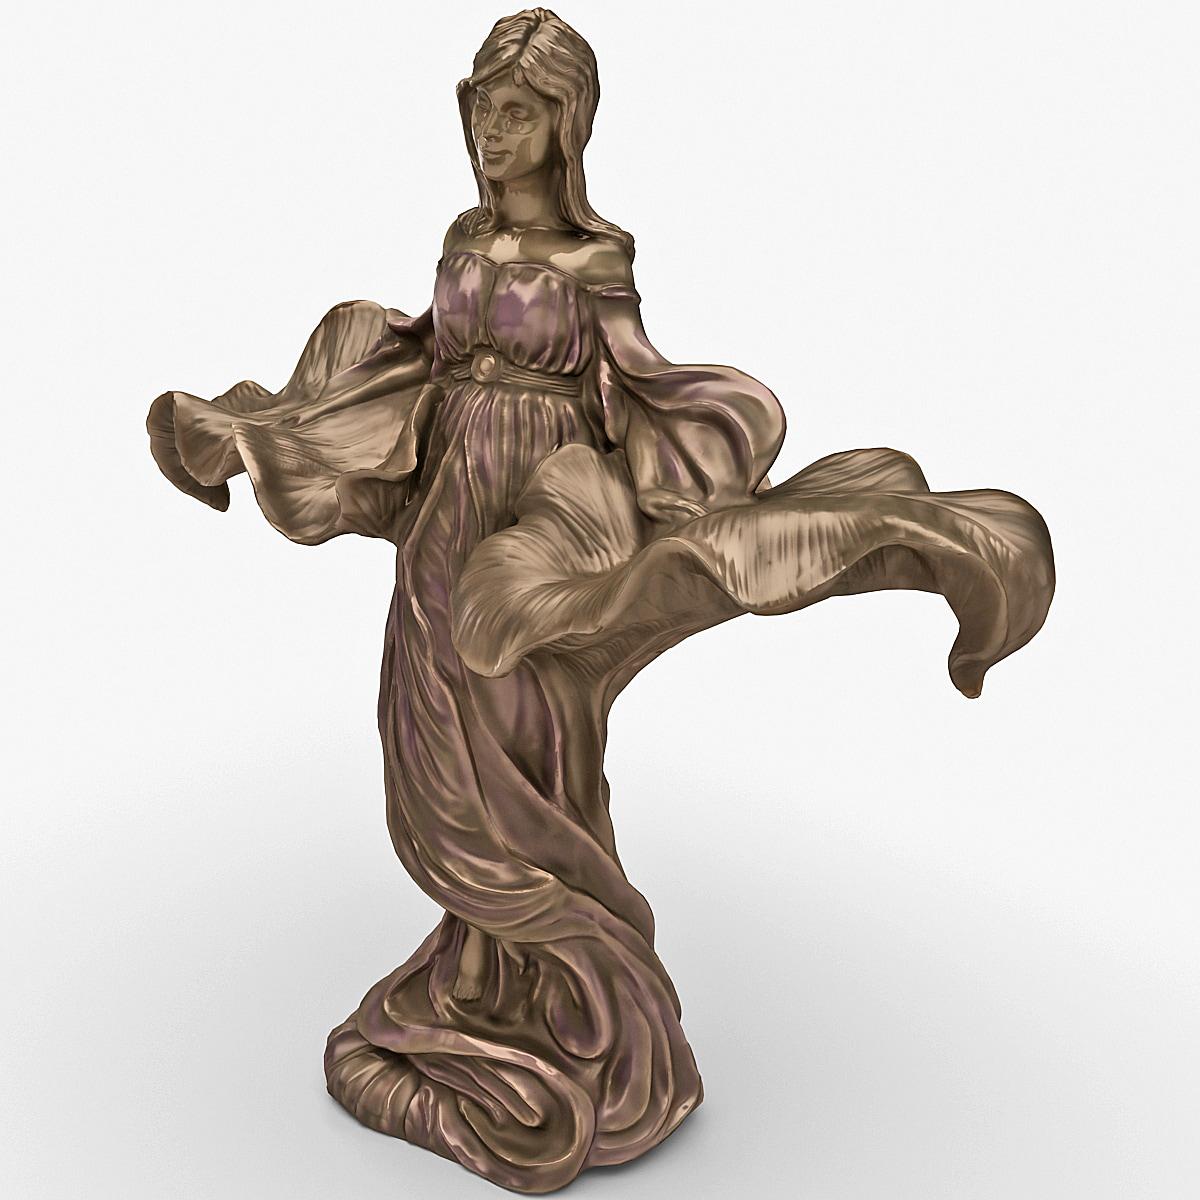 3d model of statuette woman